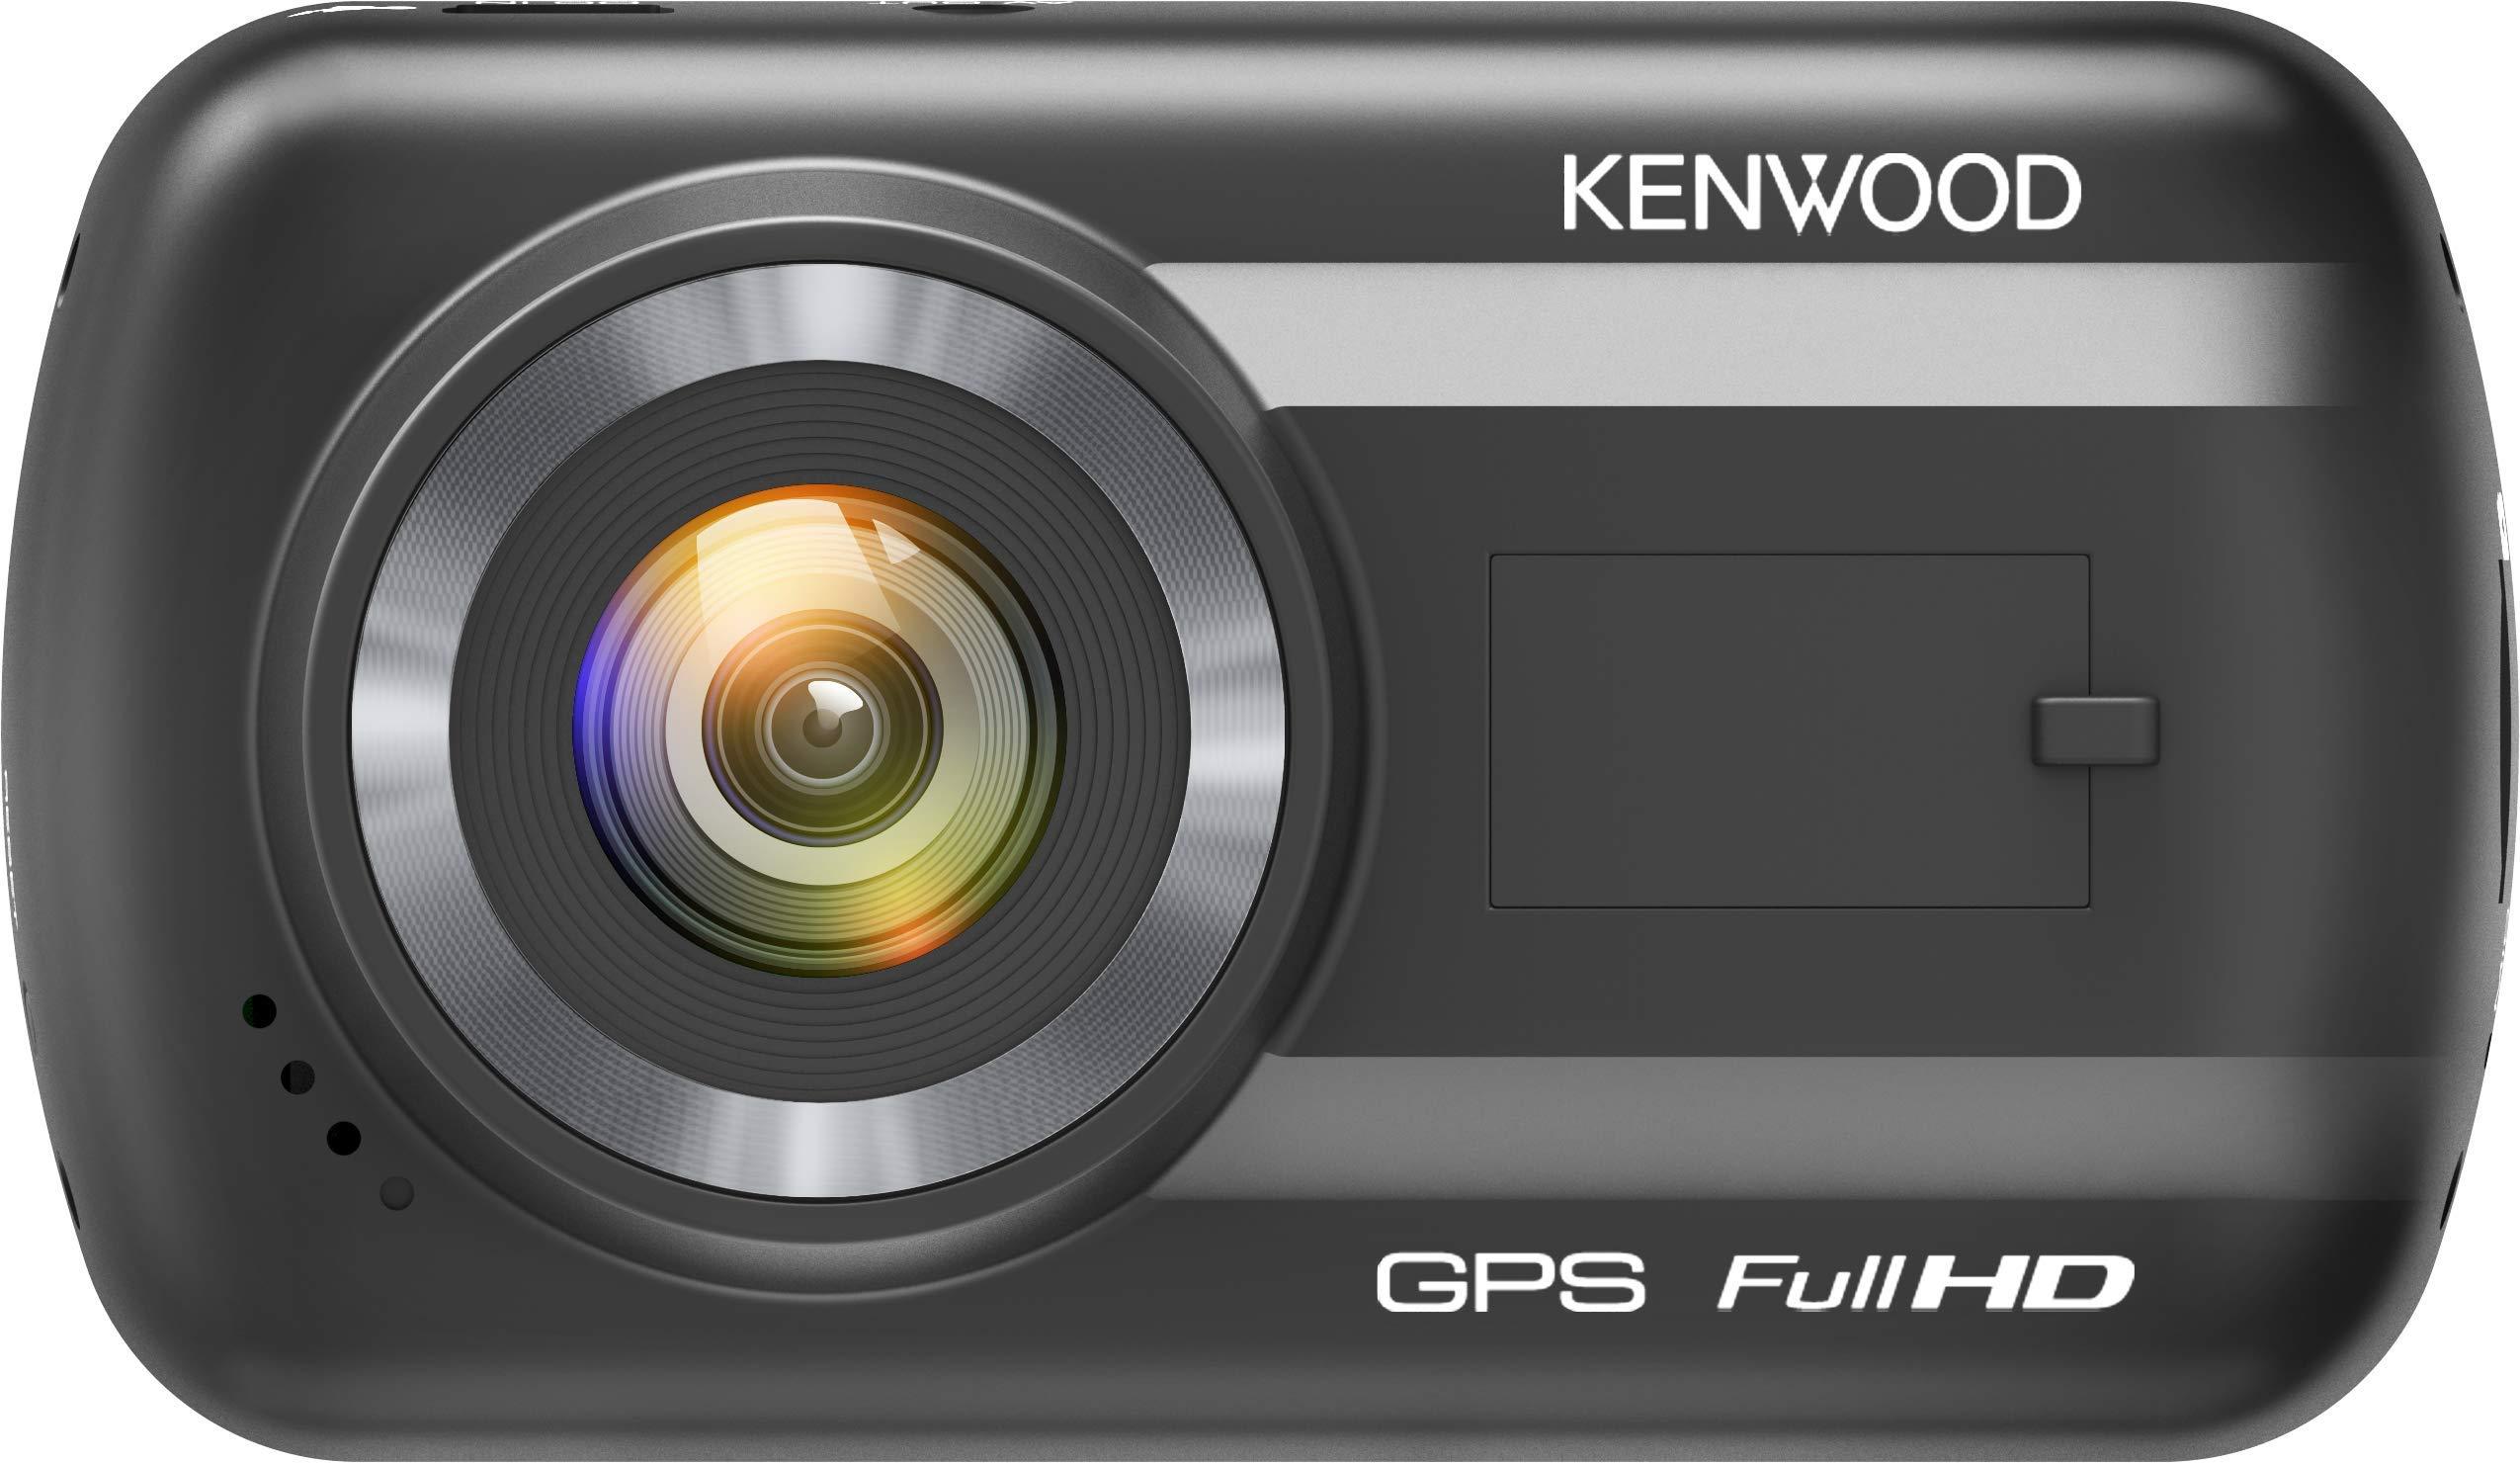 Kenwood-DRV-Full-HD-Dashcam-mit-3-Achsen-G-Sensor-GPS-und-Wireless-Link